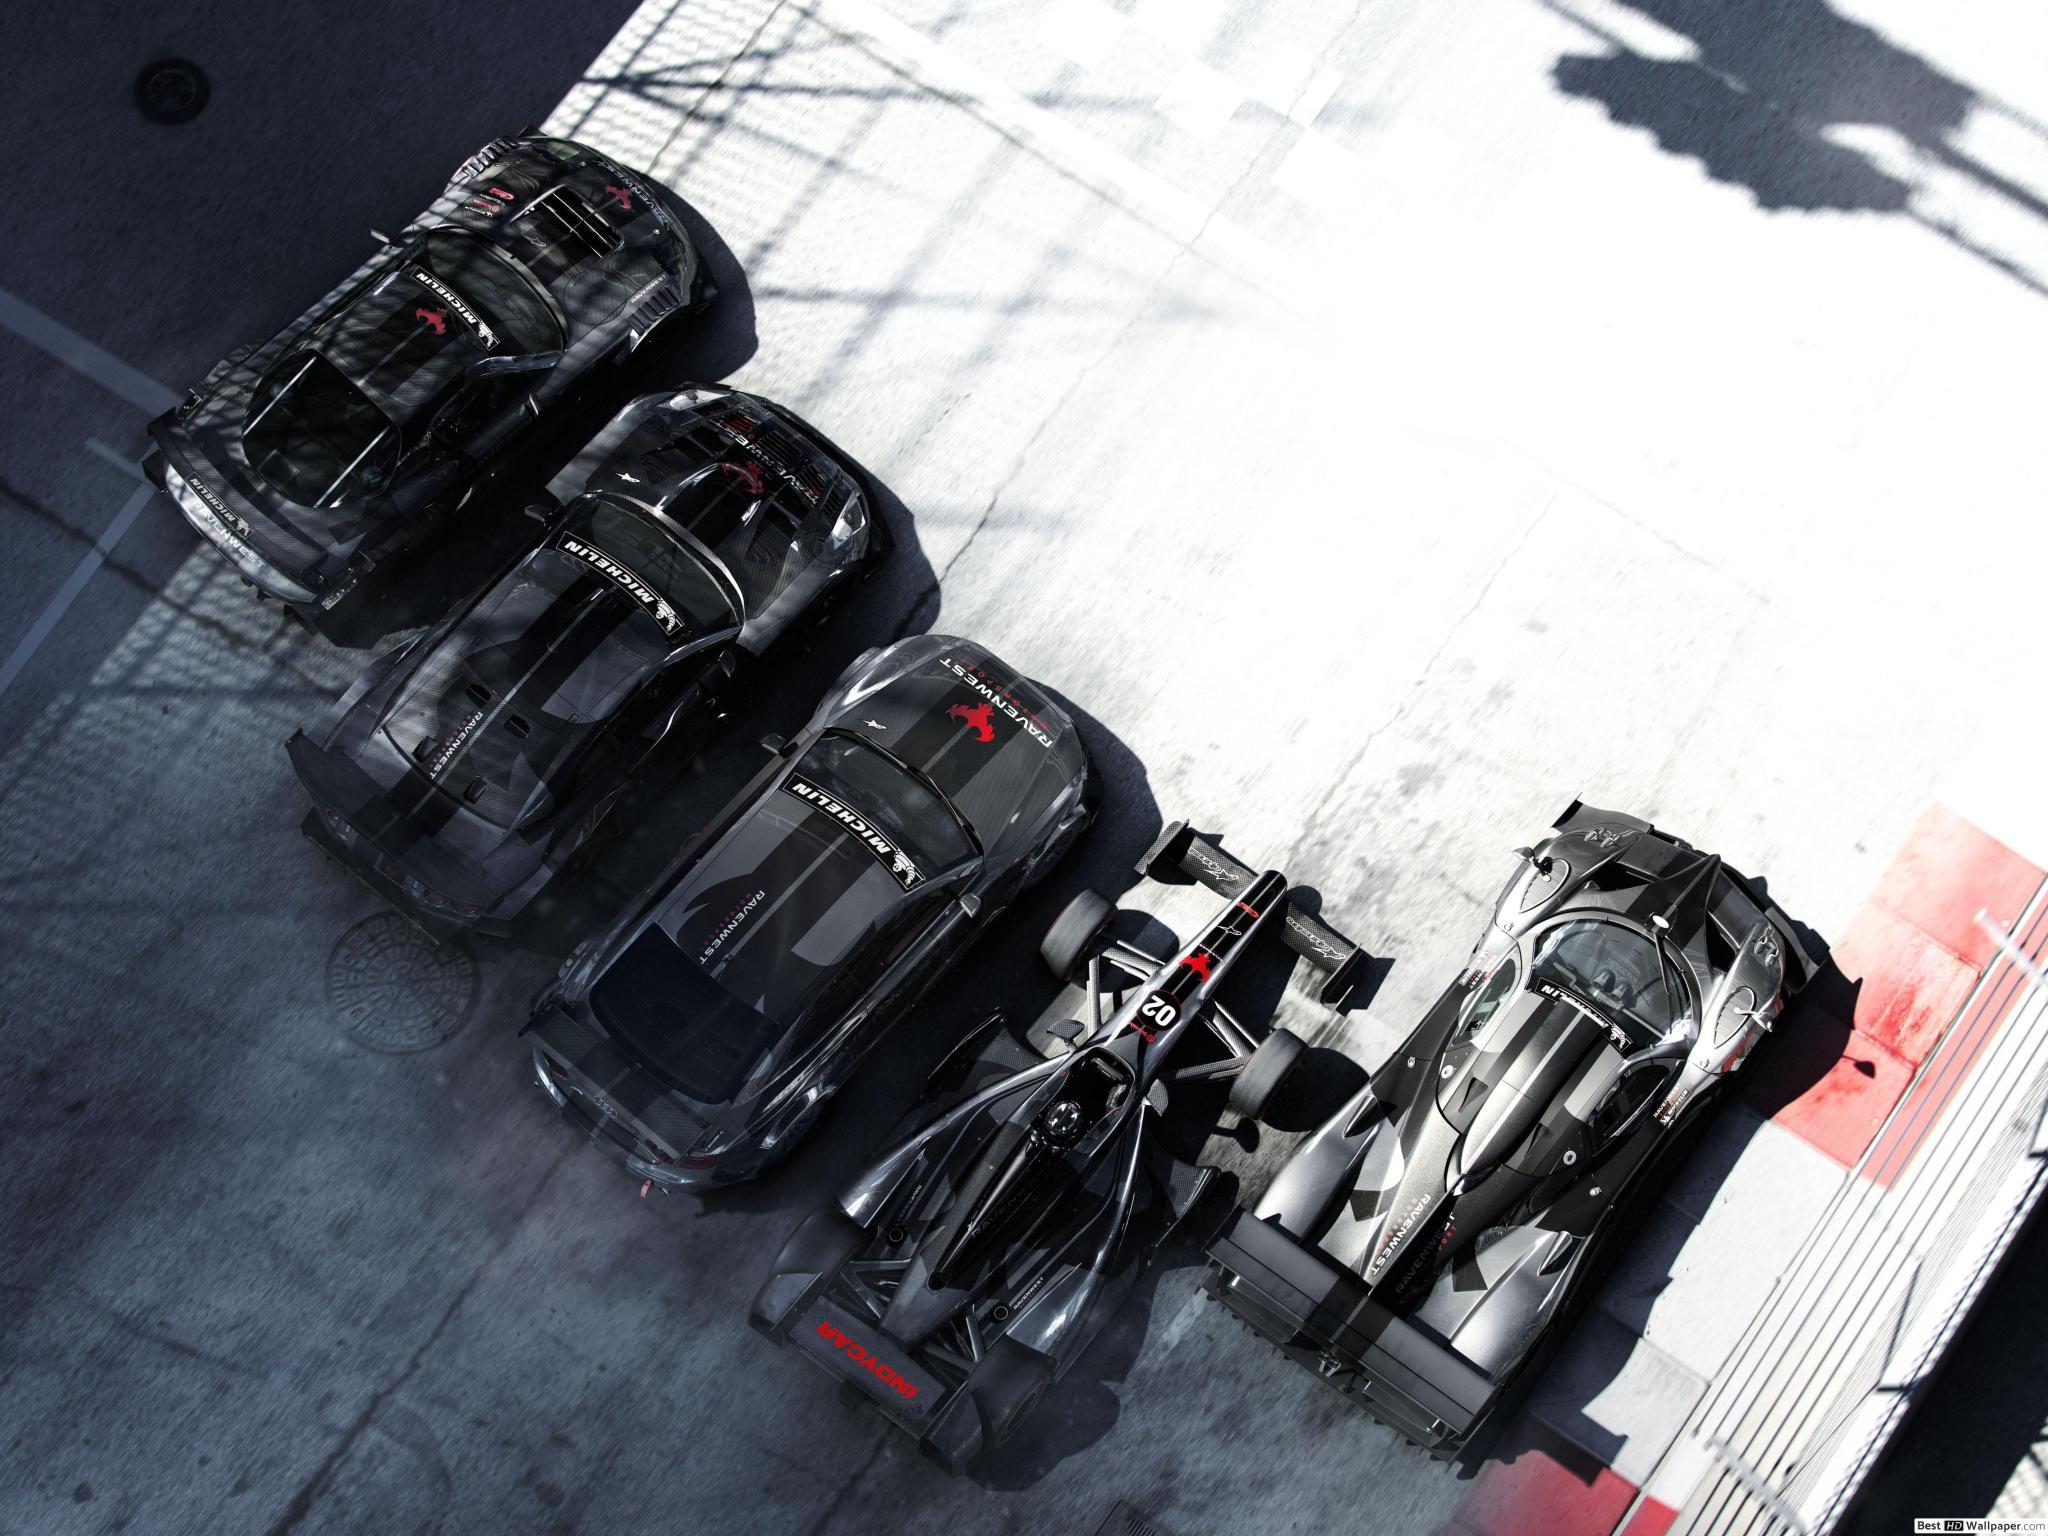 Grille Autosport (Jeu Vidéo) - Voitures De Course Hd Fond D concernant Mini Jeux De Voiture